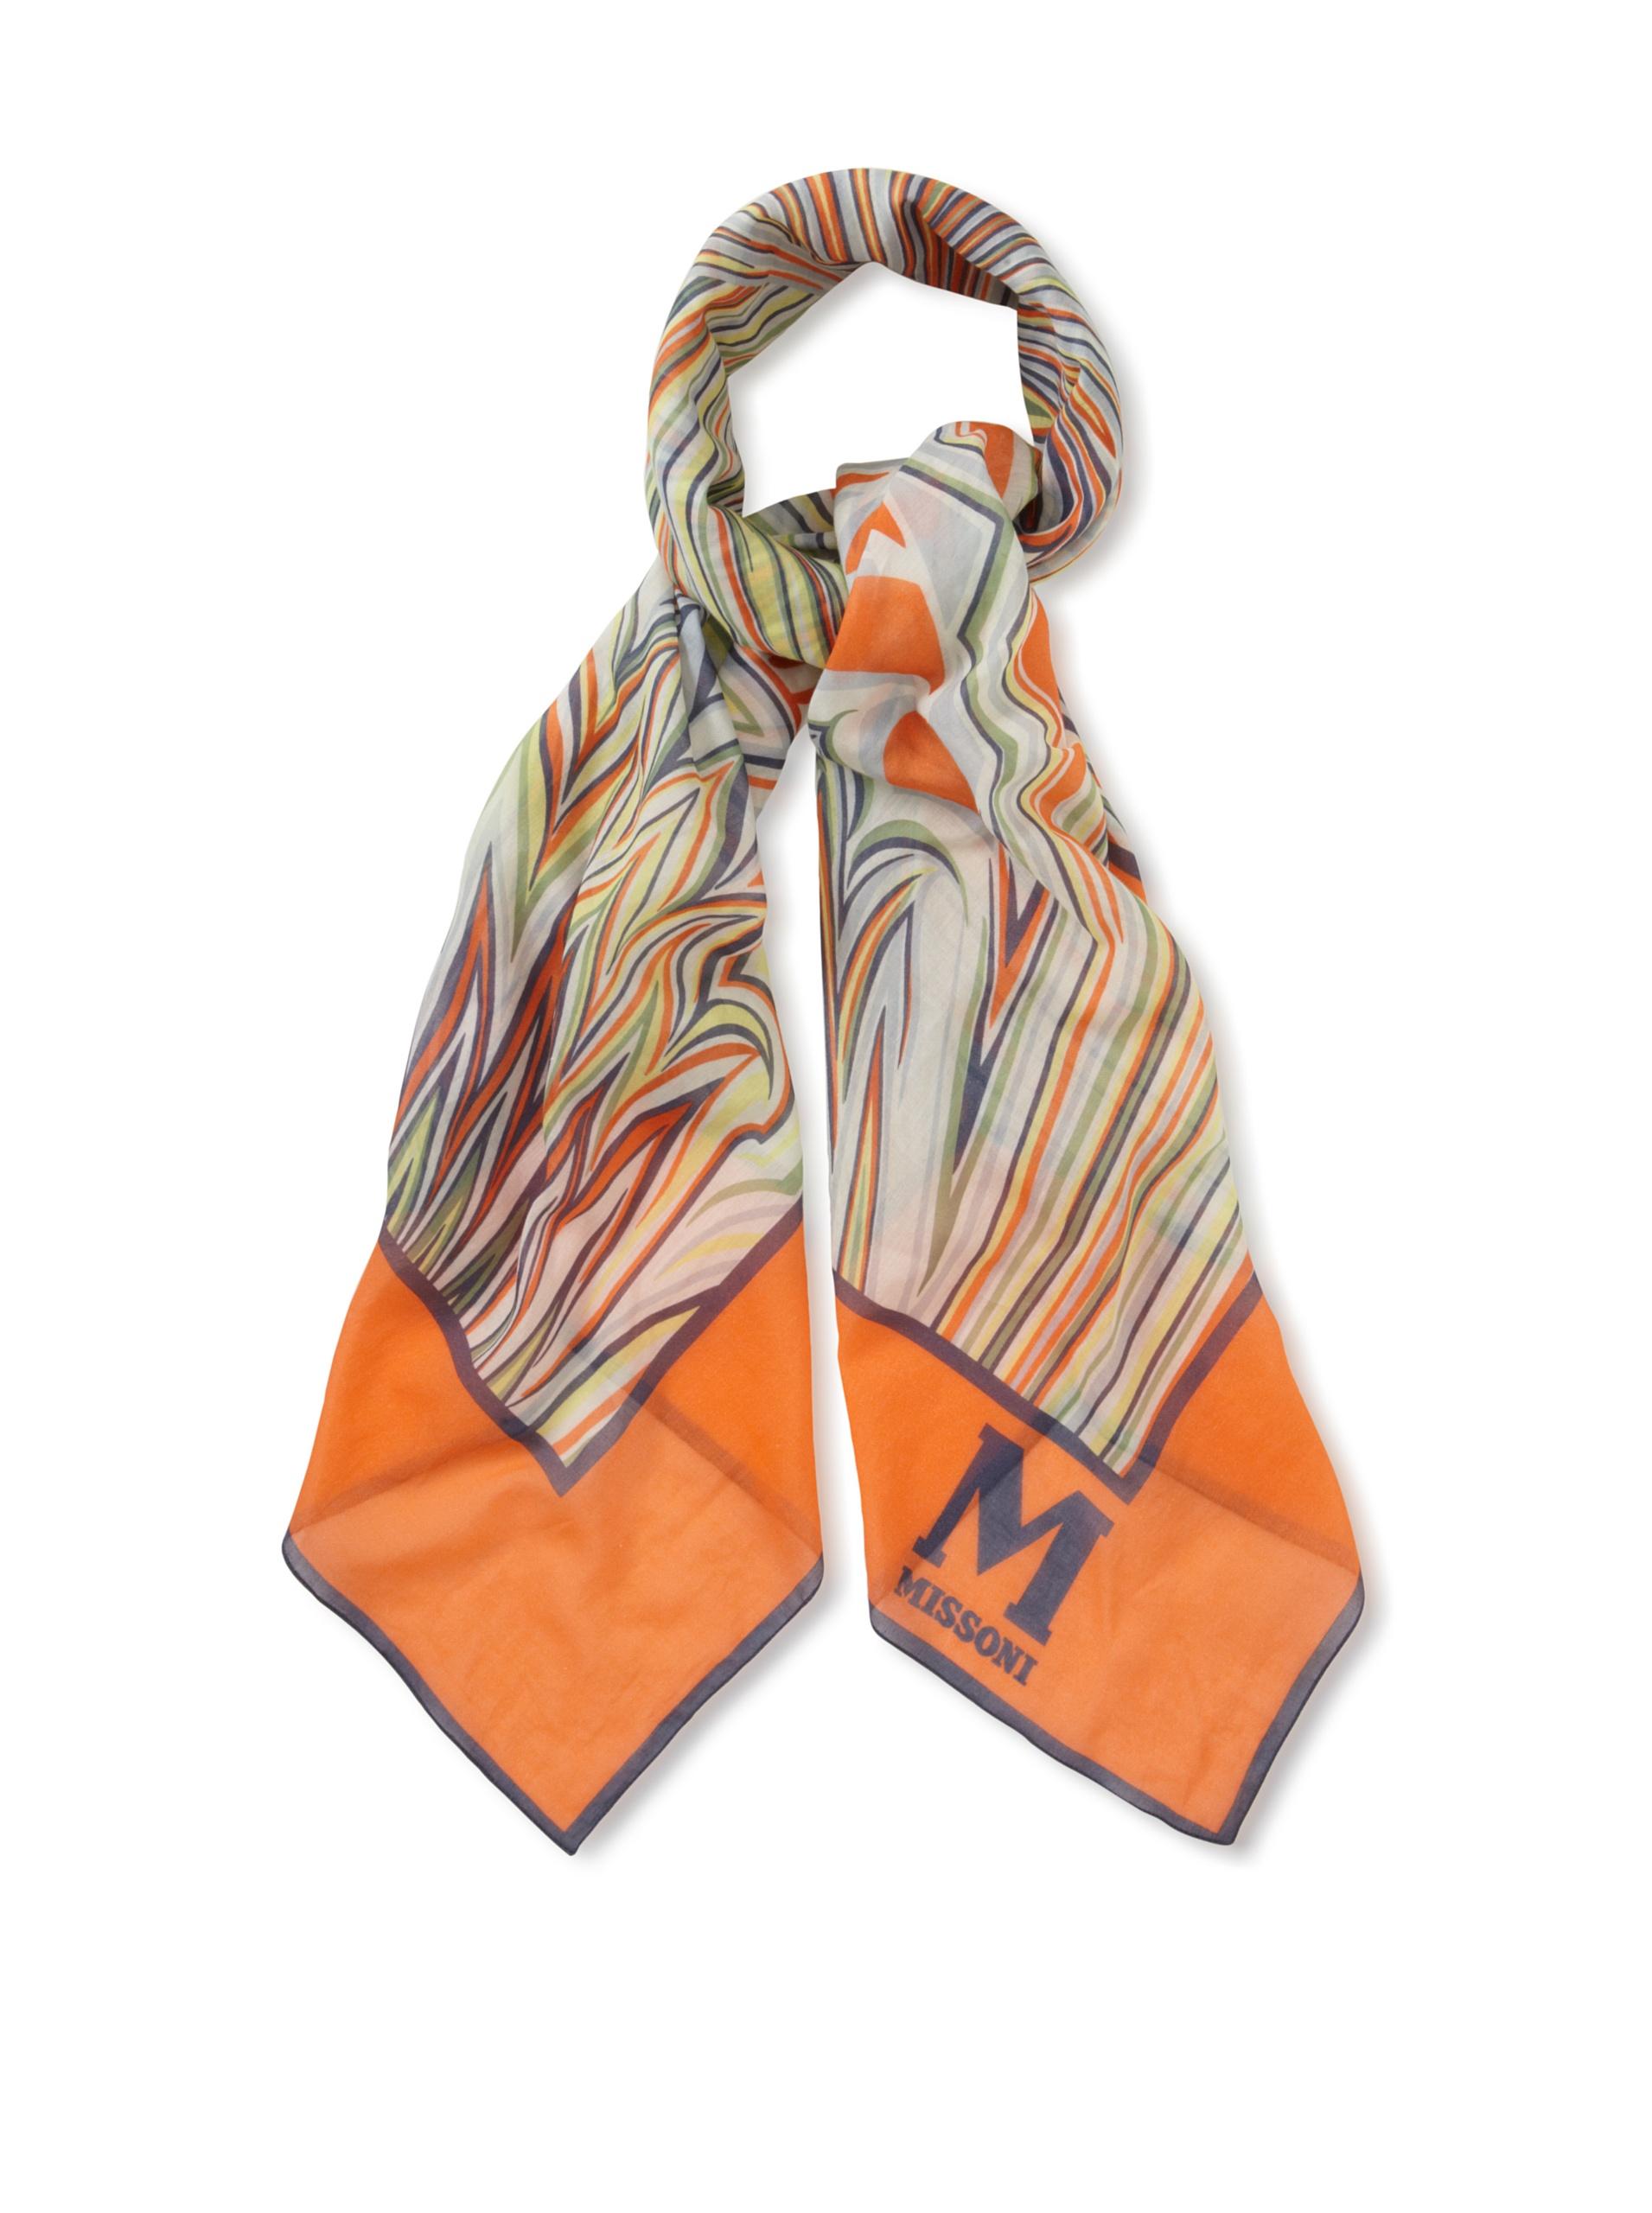 M Missoni Women's Printed Cotton Scarf, Multicolored Orange, One Size